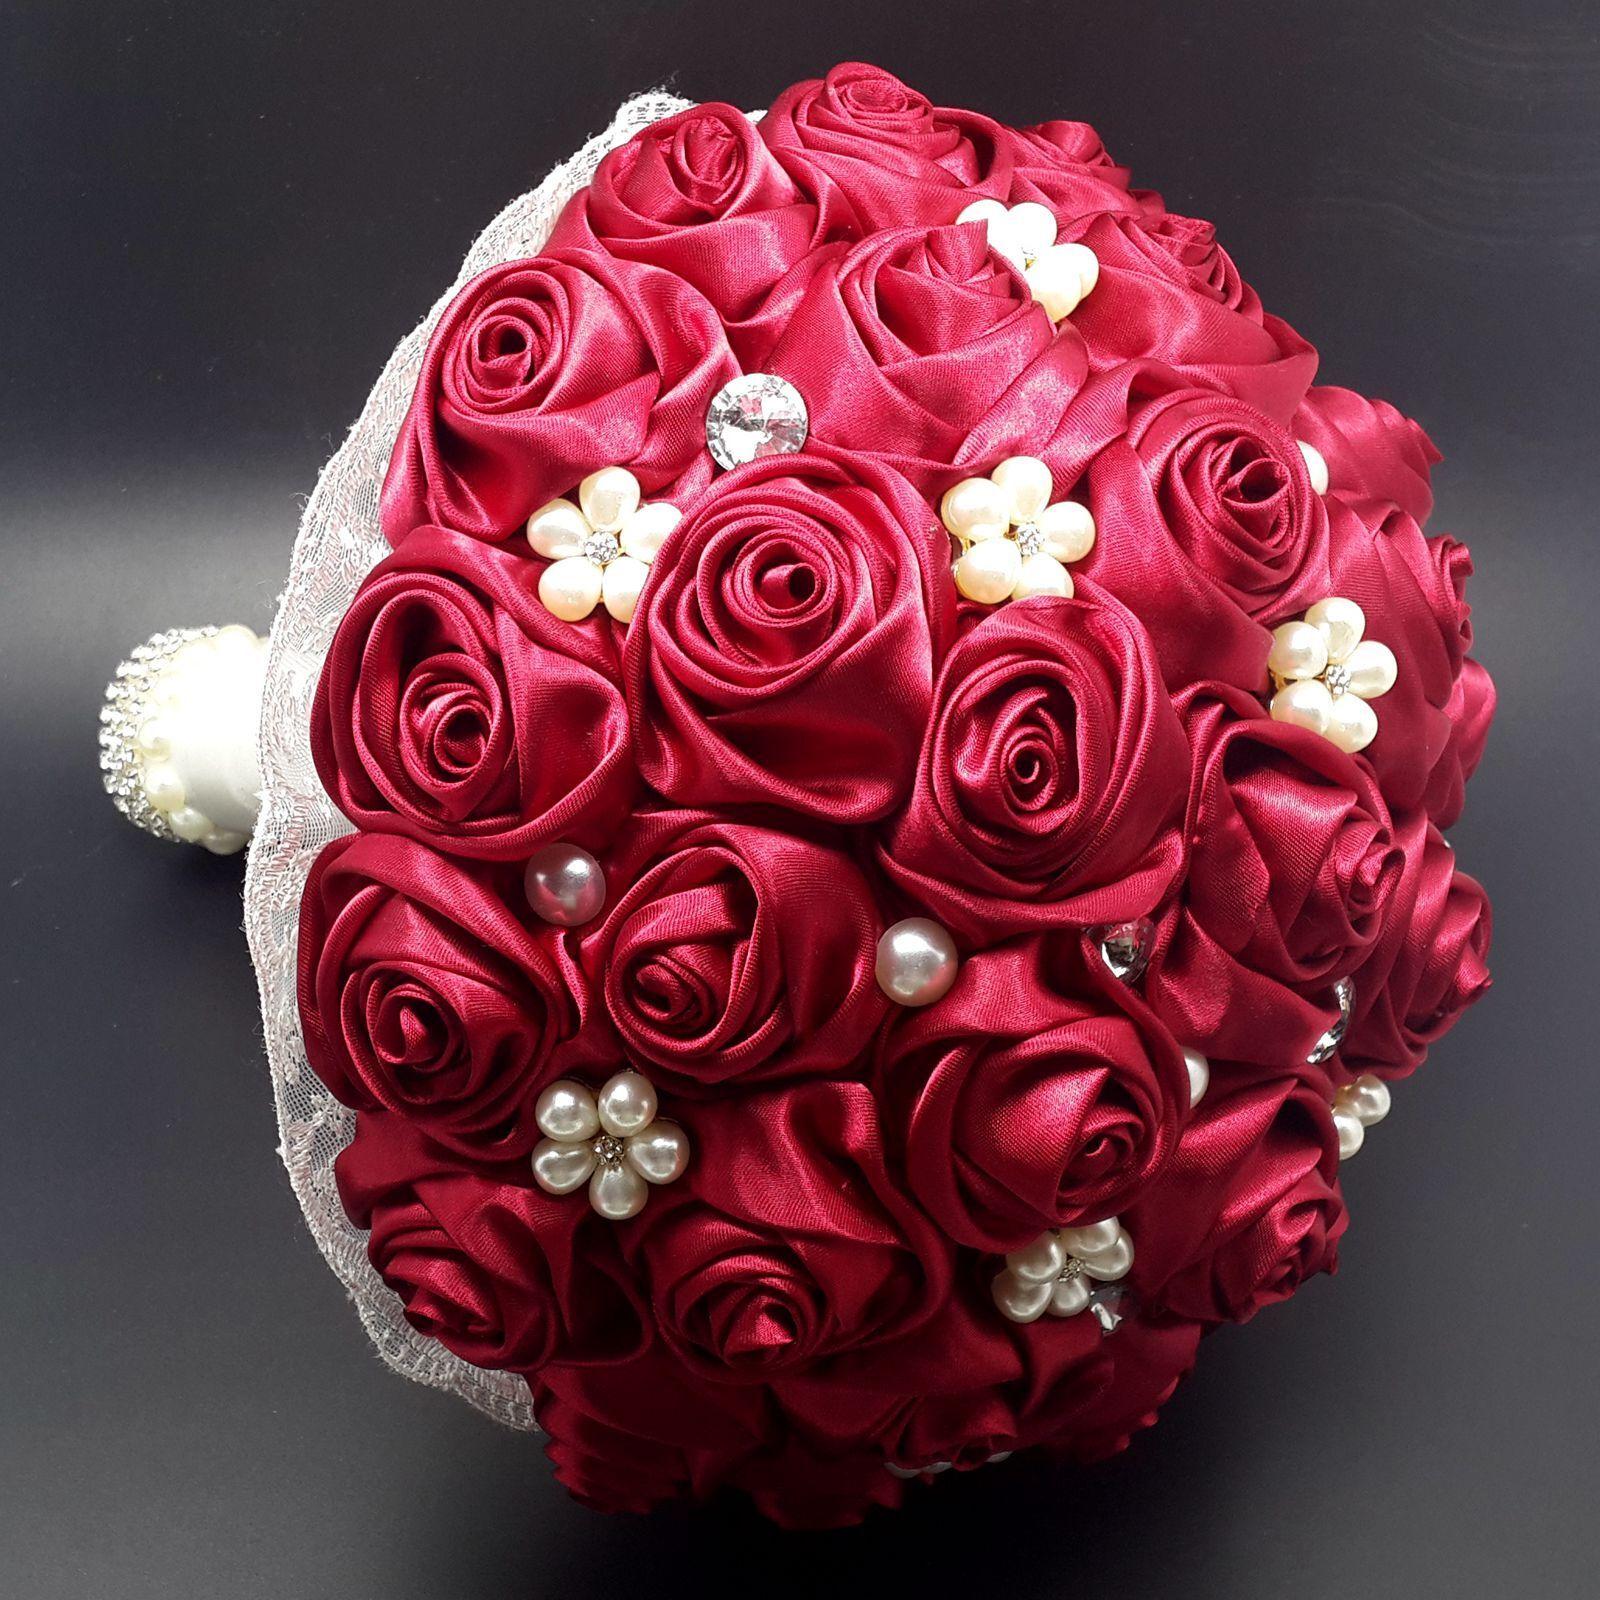 Lot 12pc Wine Red 2 Satin Ribbon Rose Flower Diy Wedding Bridal